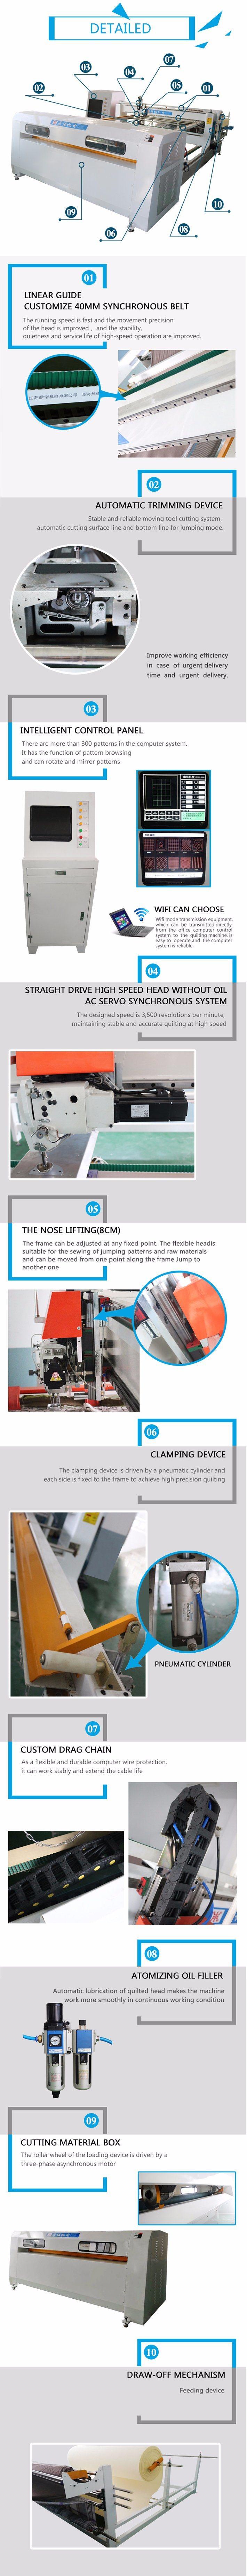 Dn-6 Quilting Machine for Gantry Frame